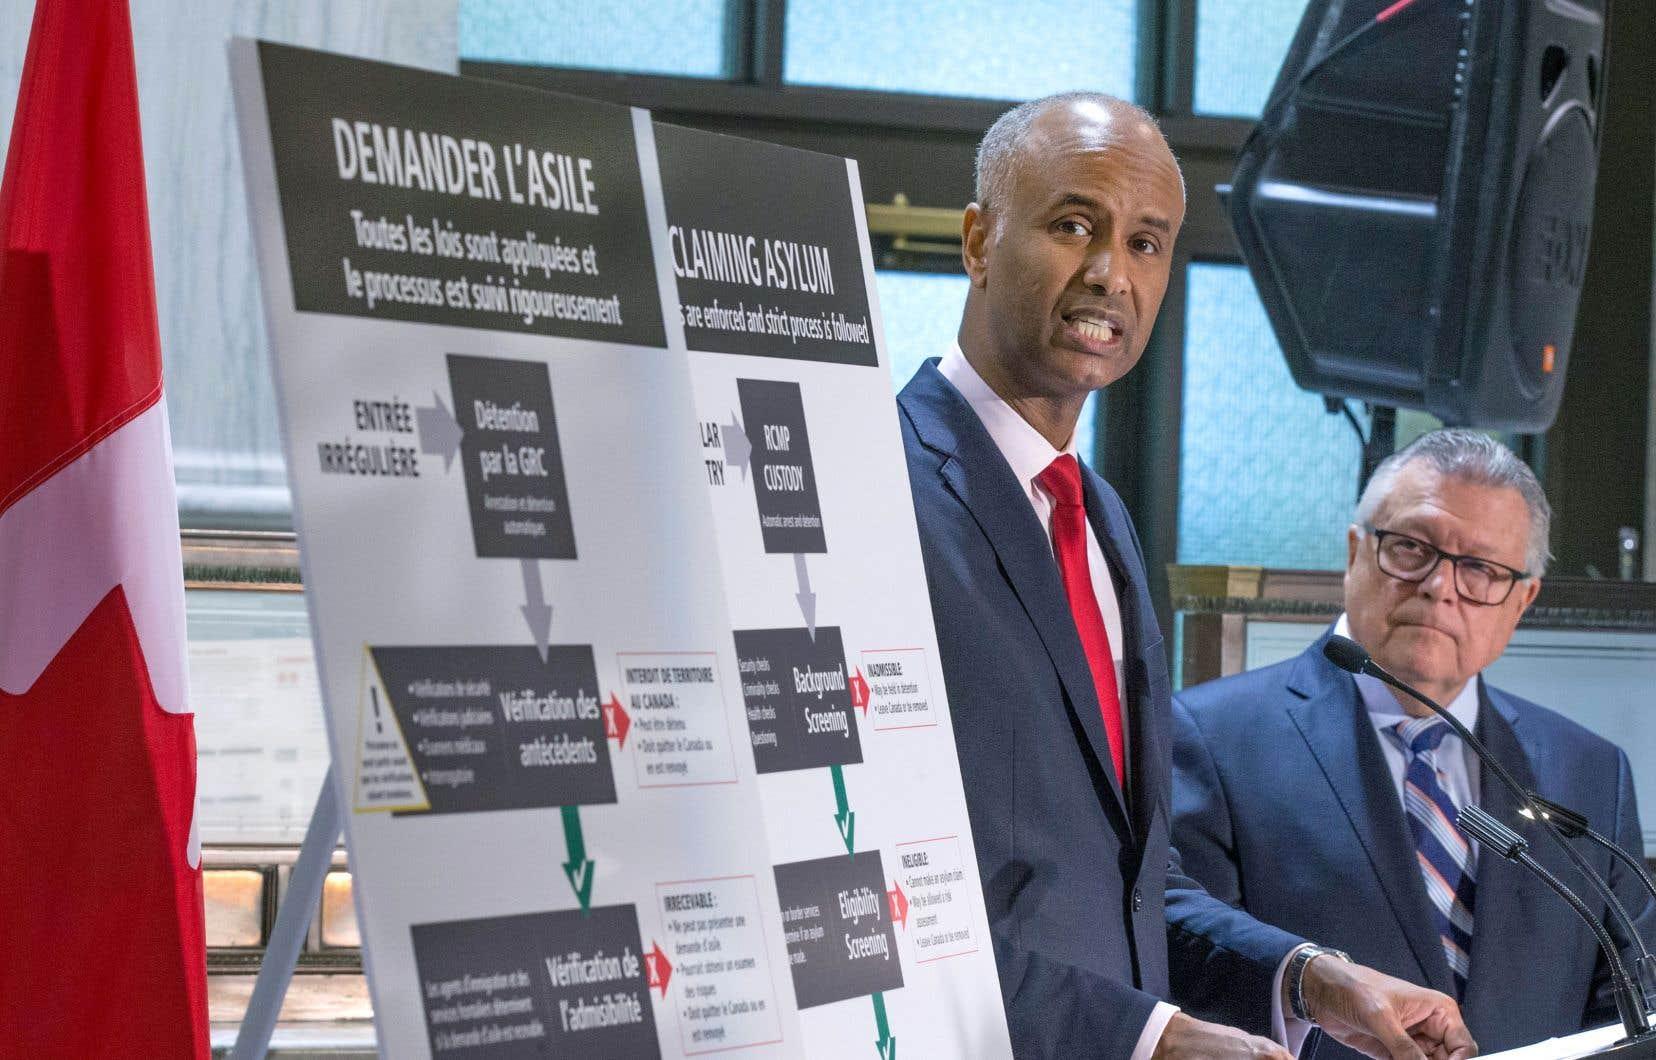 Le ministre de l'Immigration, Ahmed Hussen, et son collègue de la Sécurité publique, Ralph Goodale, lors d'une conférence de presse à Montréal lundi, au cours de laquelle ils ont notamment annoncé l'envoi d'une mission au Nigeria